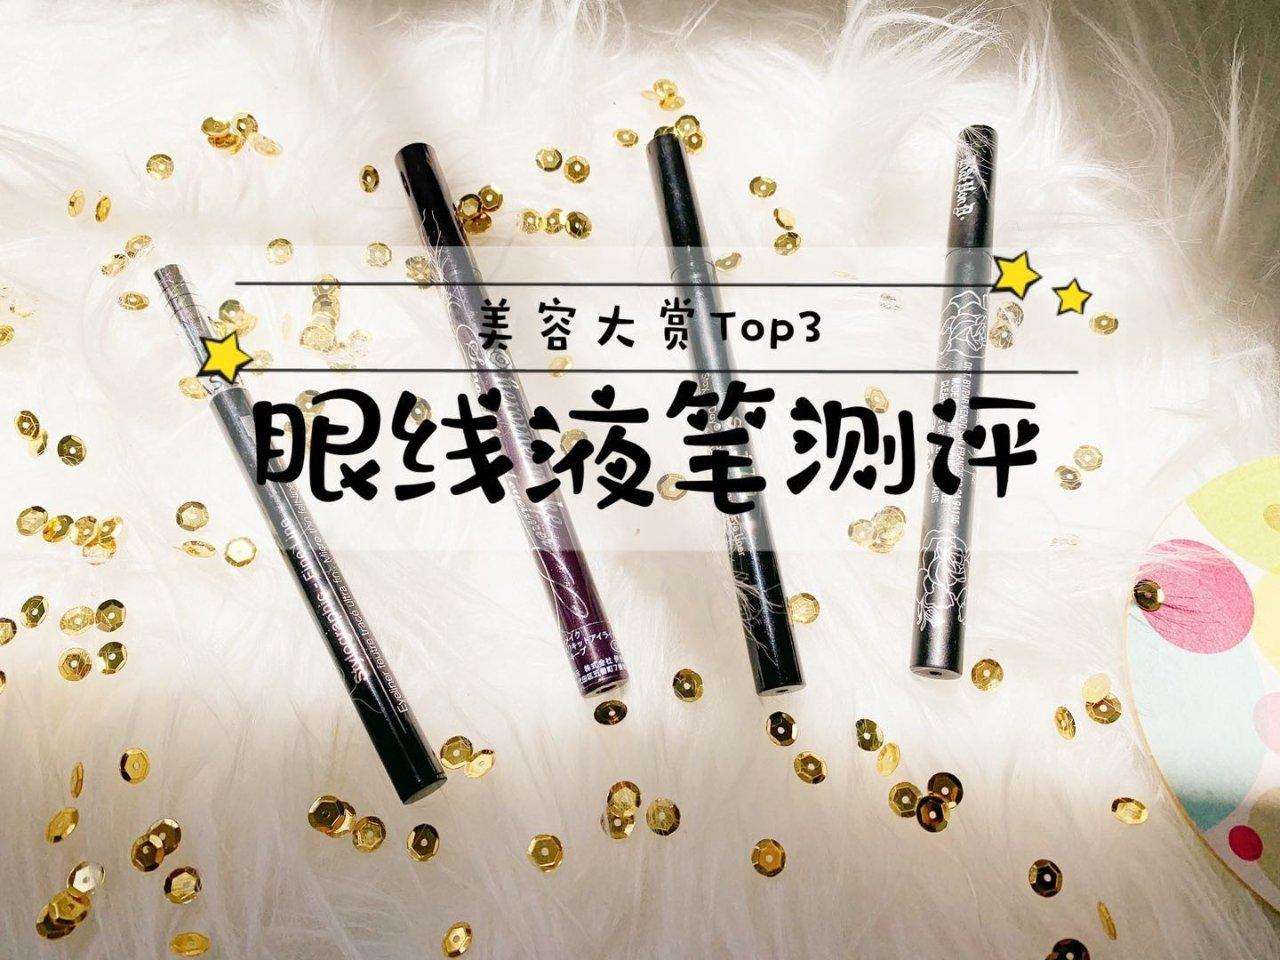 彩妆|美容大赏Top3眼线液笔测评 晕眼星人必看